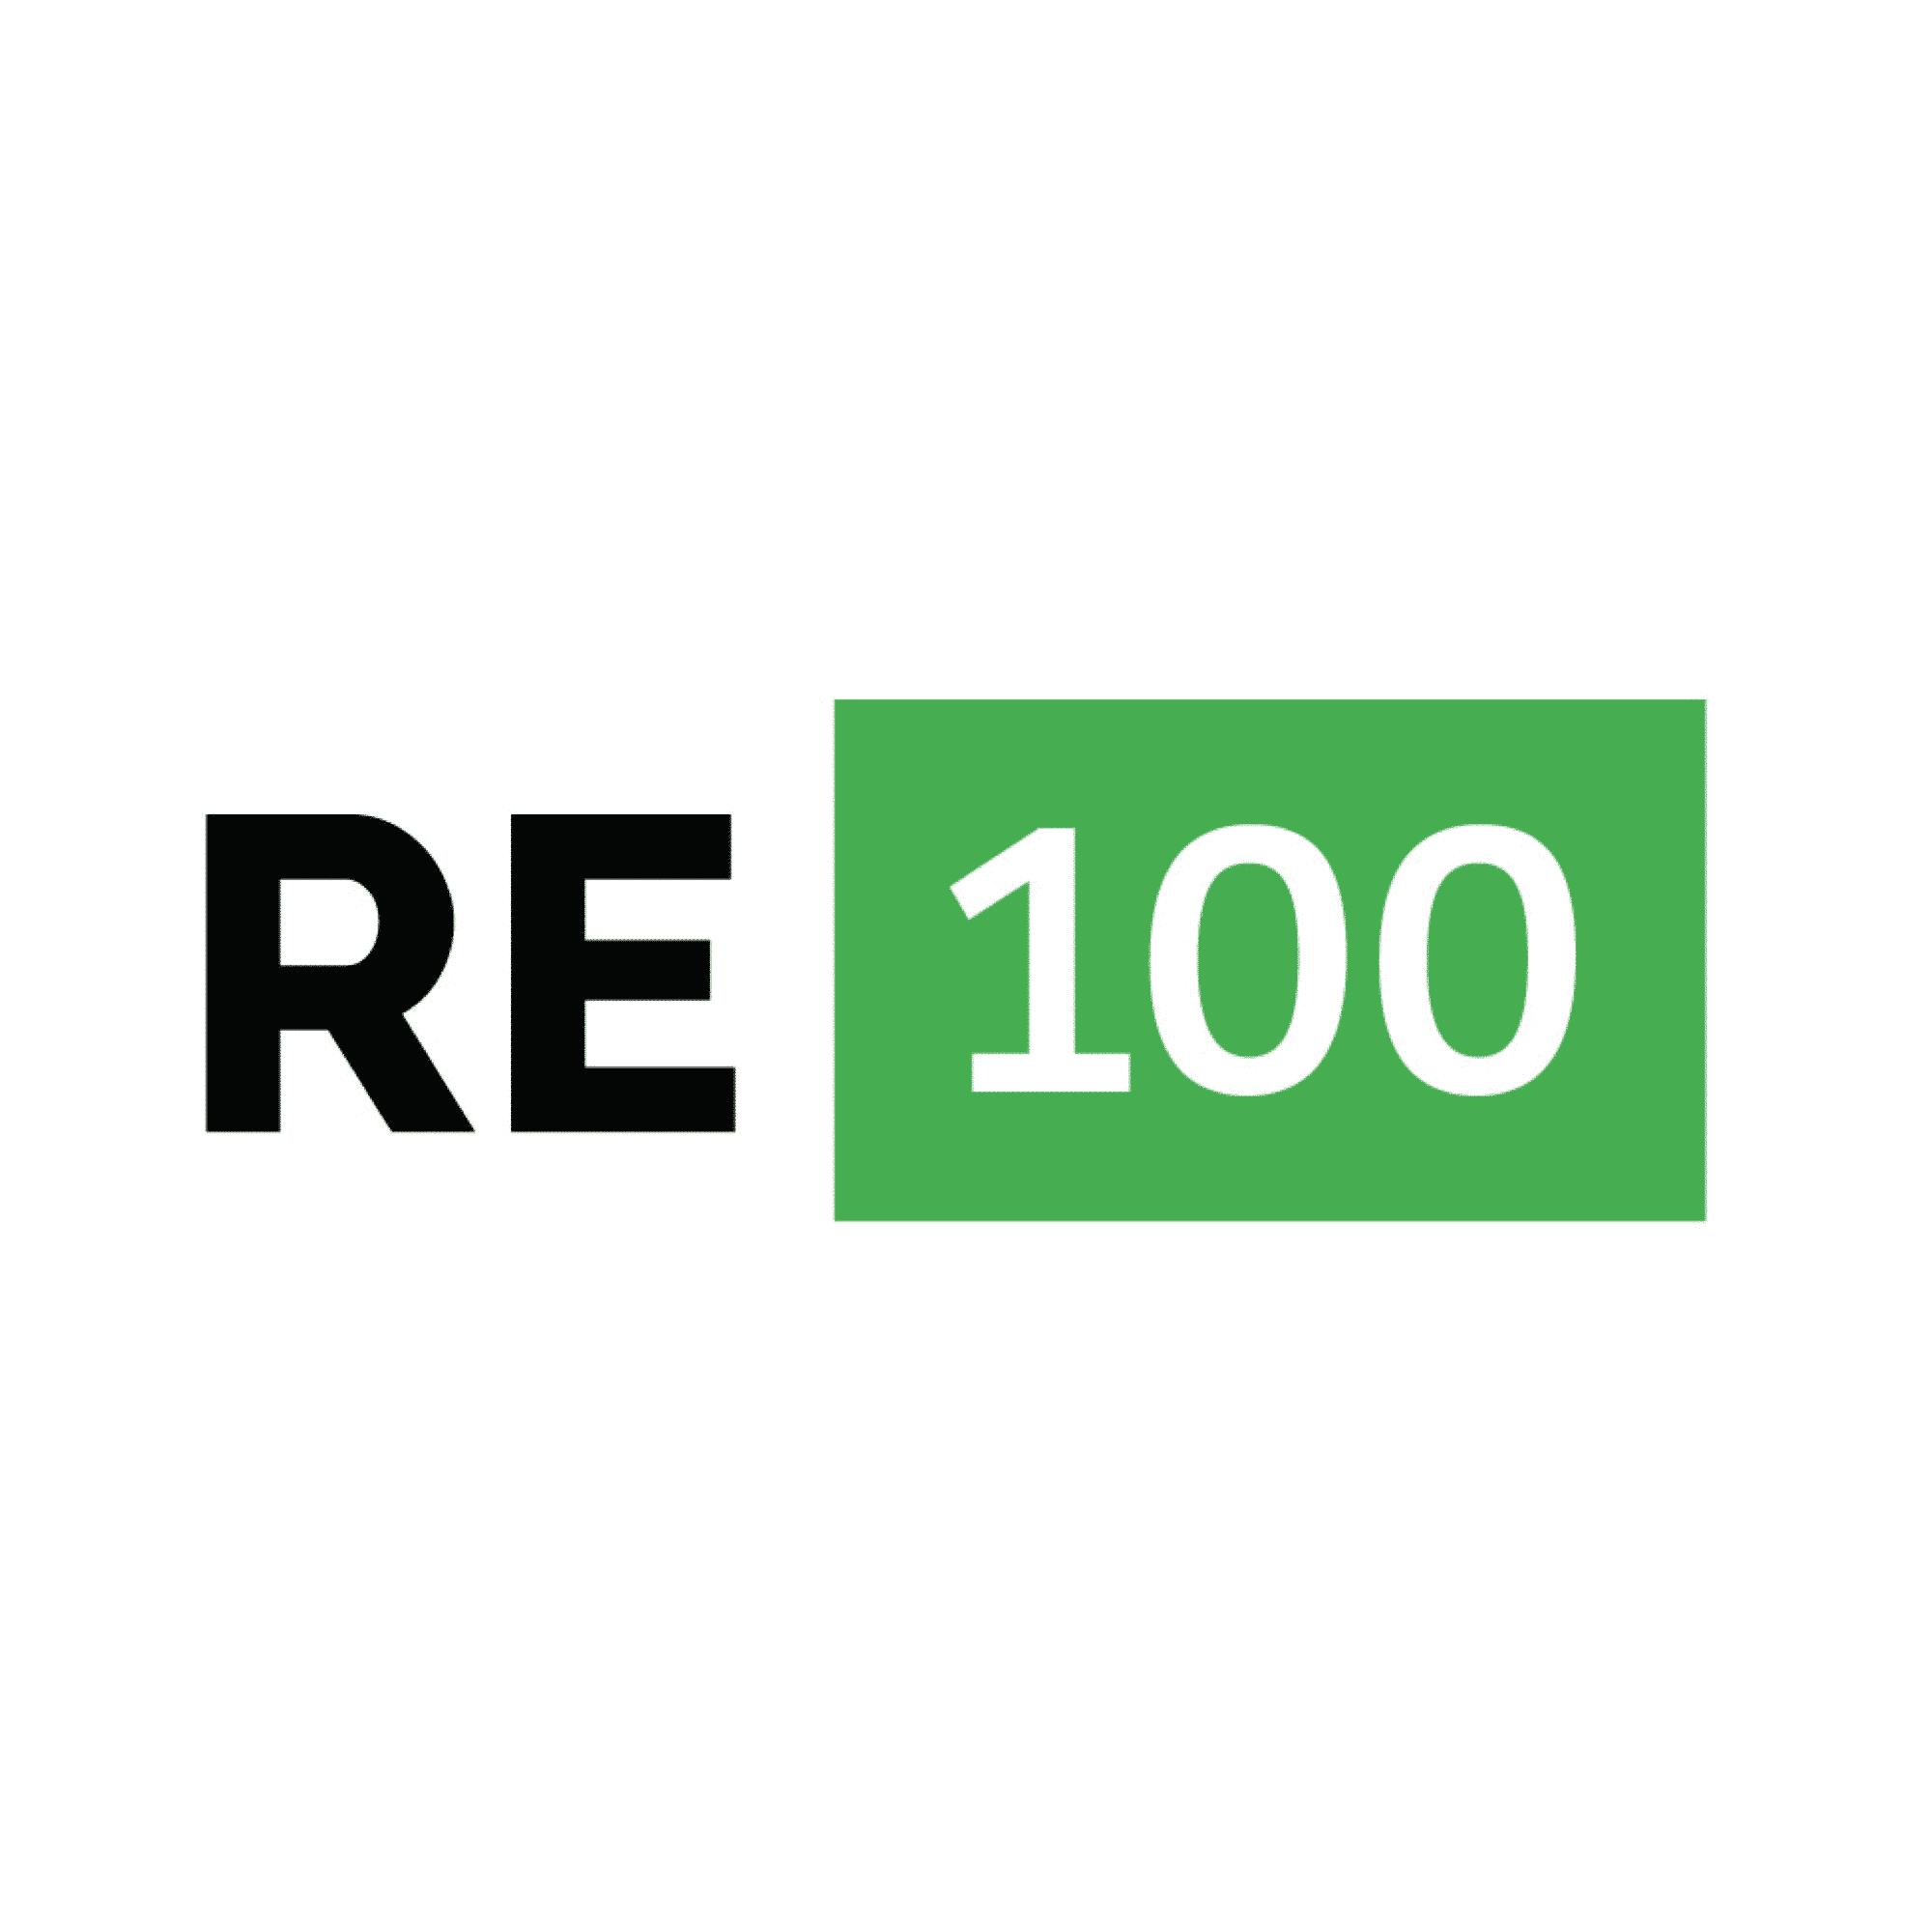 ソーラーLEDカメラ_RE100